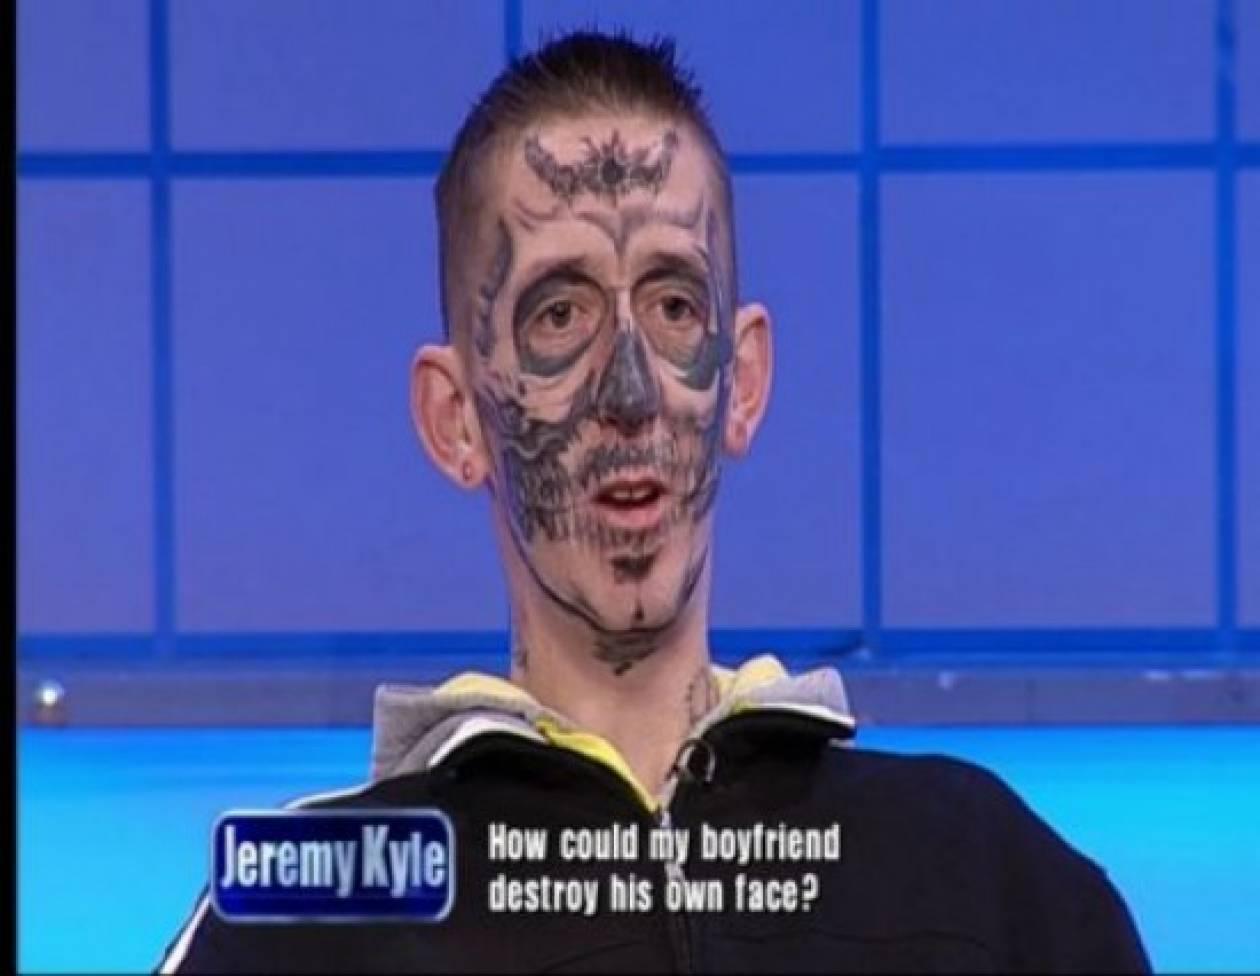 Έκανε τατουάζ σε όλο του το πρόσωπο!